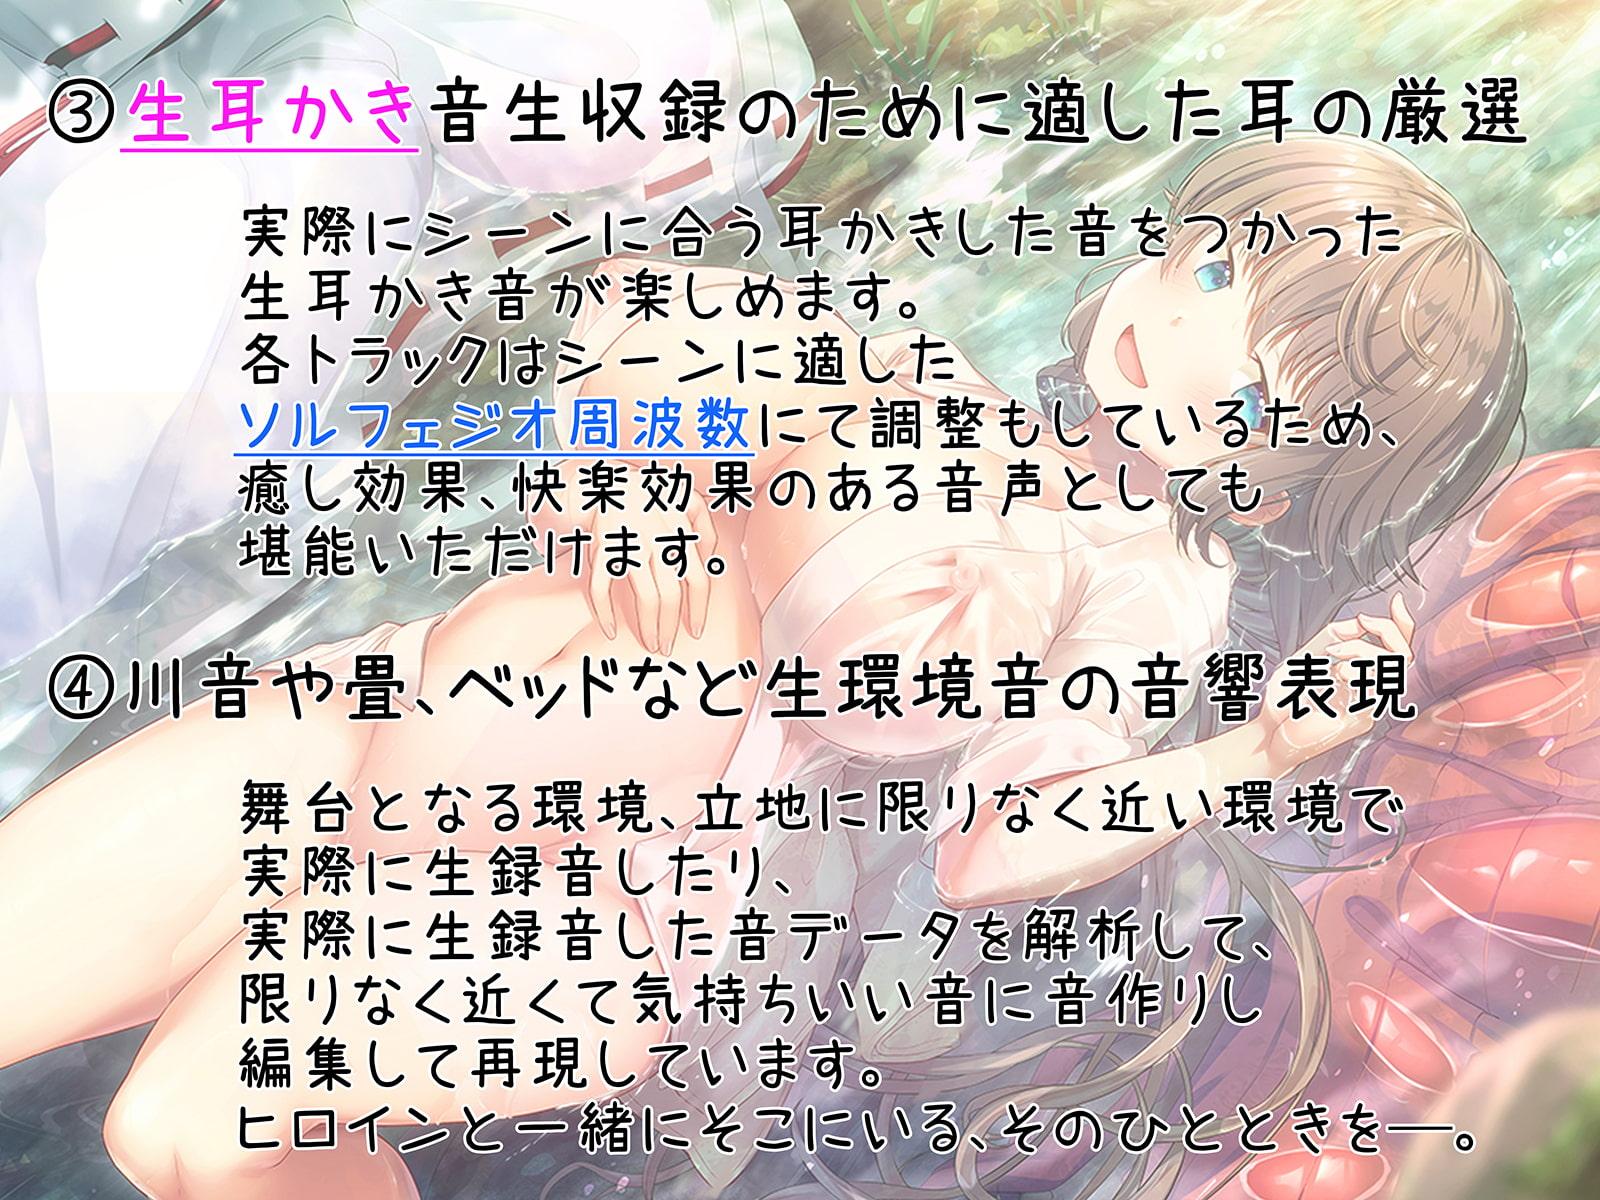 【もぞもぞフォーリー】はだかそいね 神宮寺ゆら編(2) ~夏休みの補講に付き合ってくれたら後輩巫女おっぱいのご褒美上げちゃう~【ぱいずりバイノーラルアニメ付き】